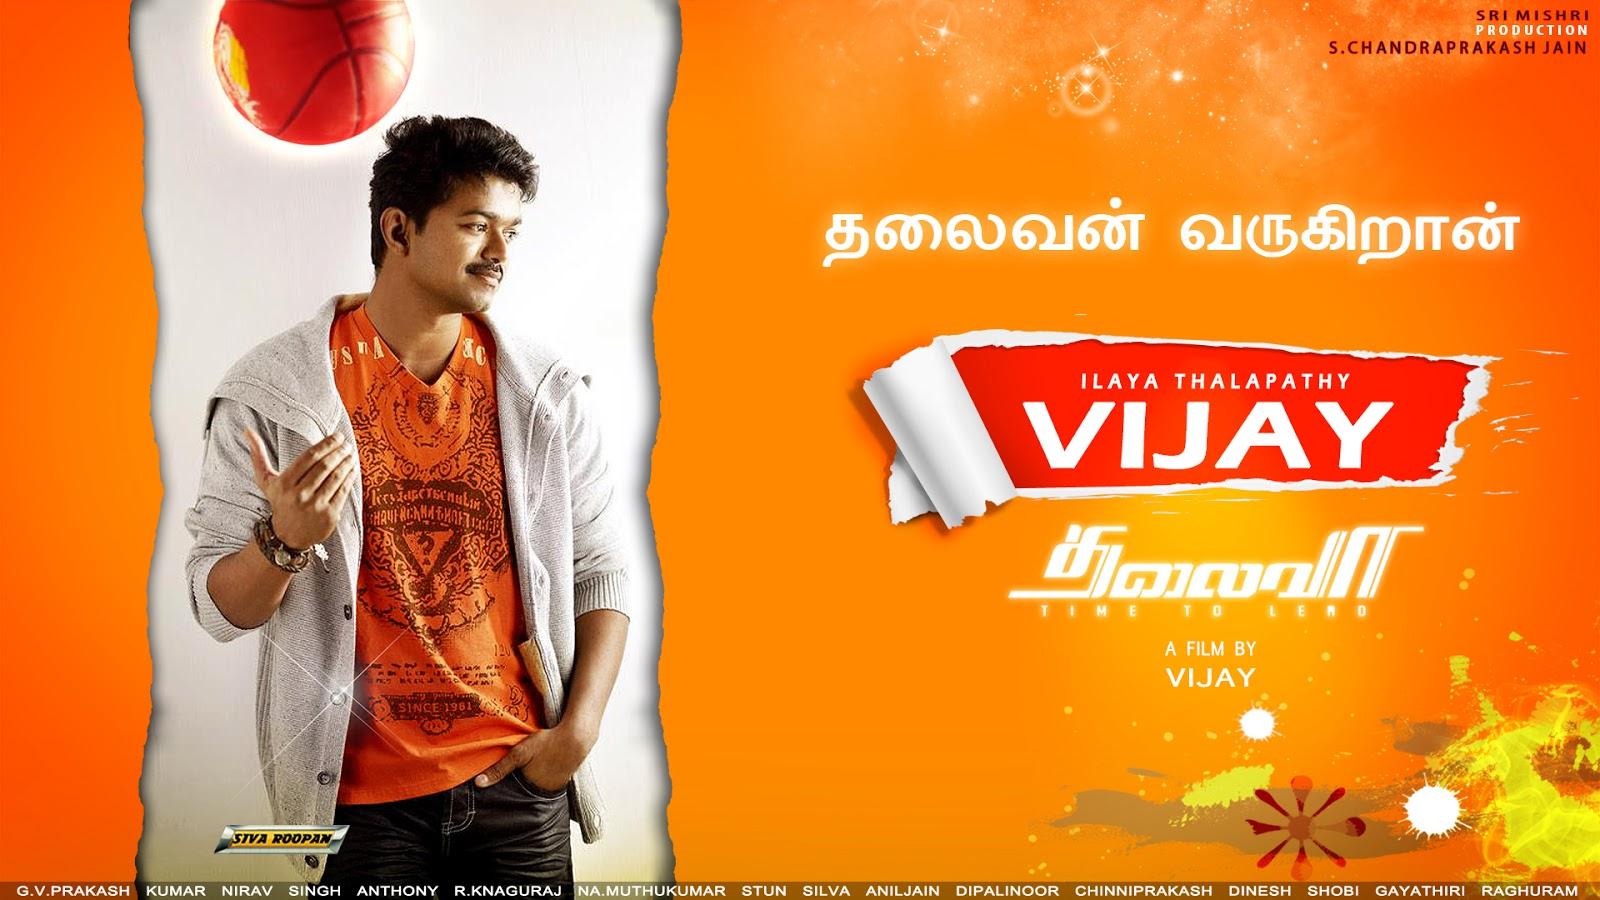 Vijay Wallpaper Designs: Vijay Wallpaper ~ Thalaiva movie